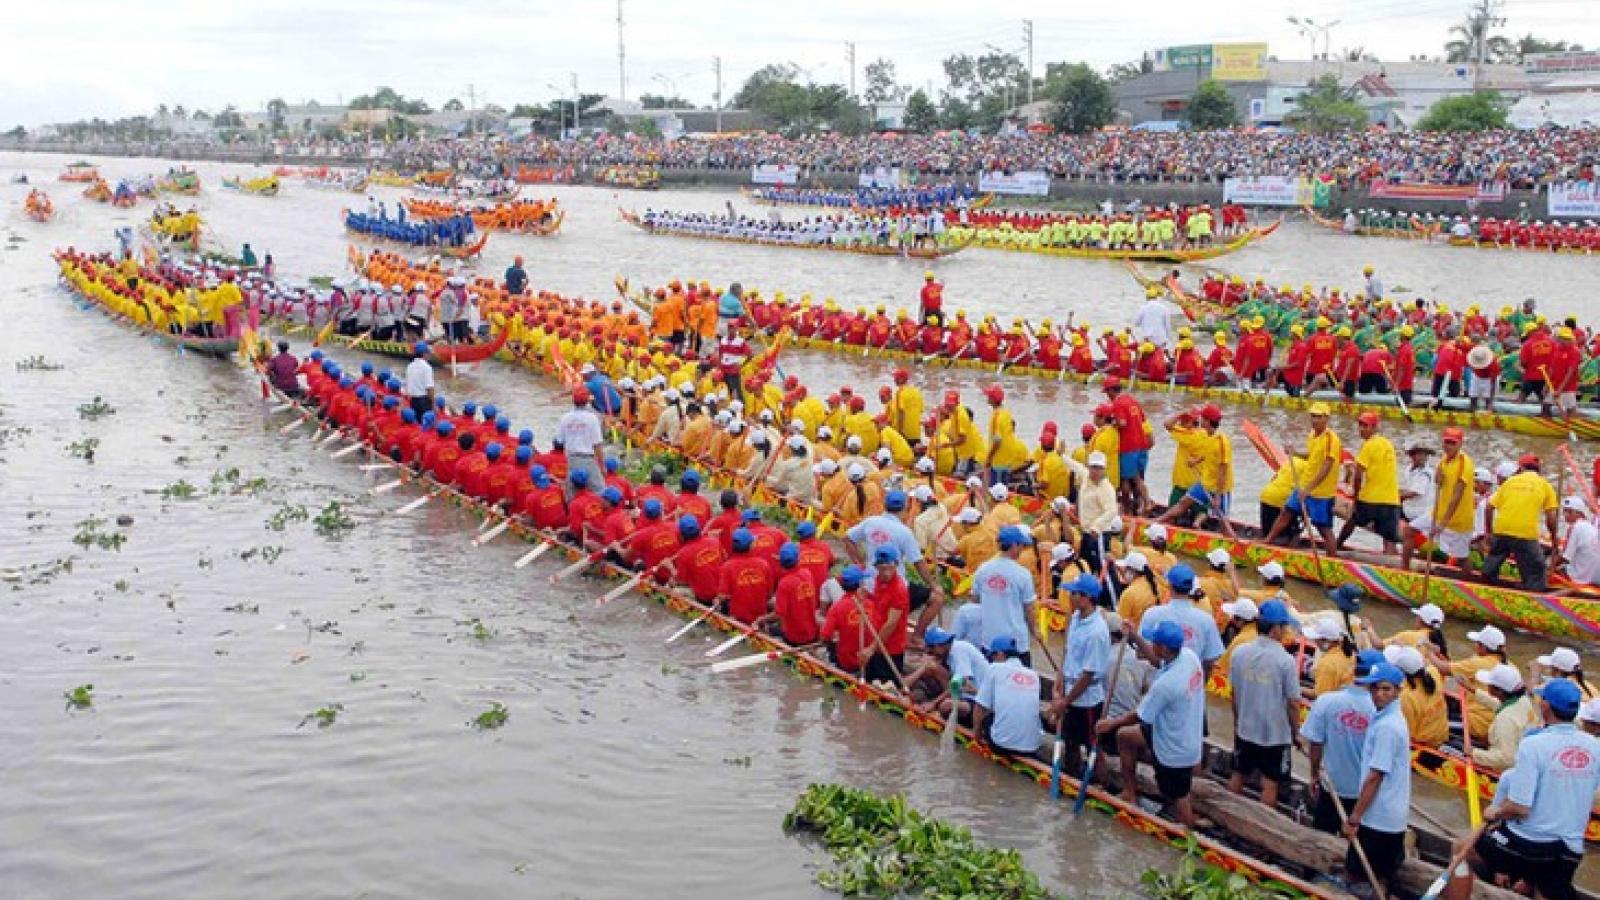 Tuần lễ Văn hóa, Du lịch – Liên hoan ẩm thực Nam bộ gắn với Lễ hội Ok om bok tỉnh Trà Vinh